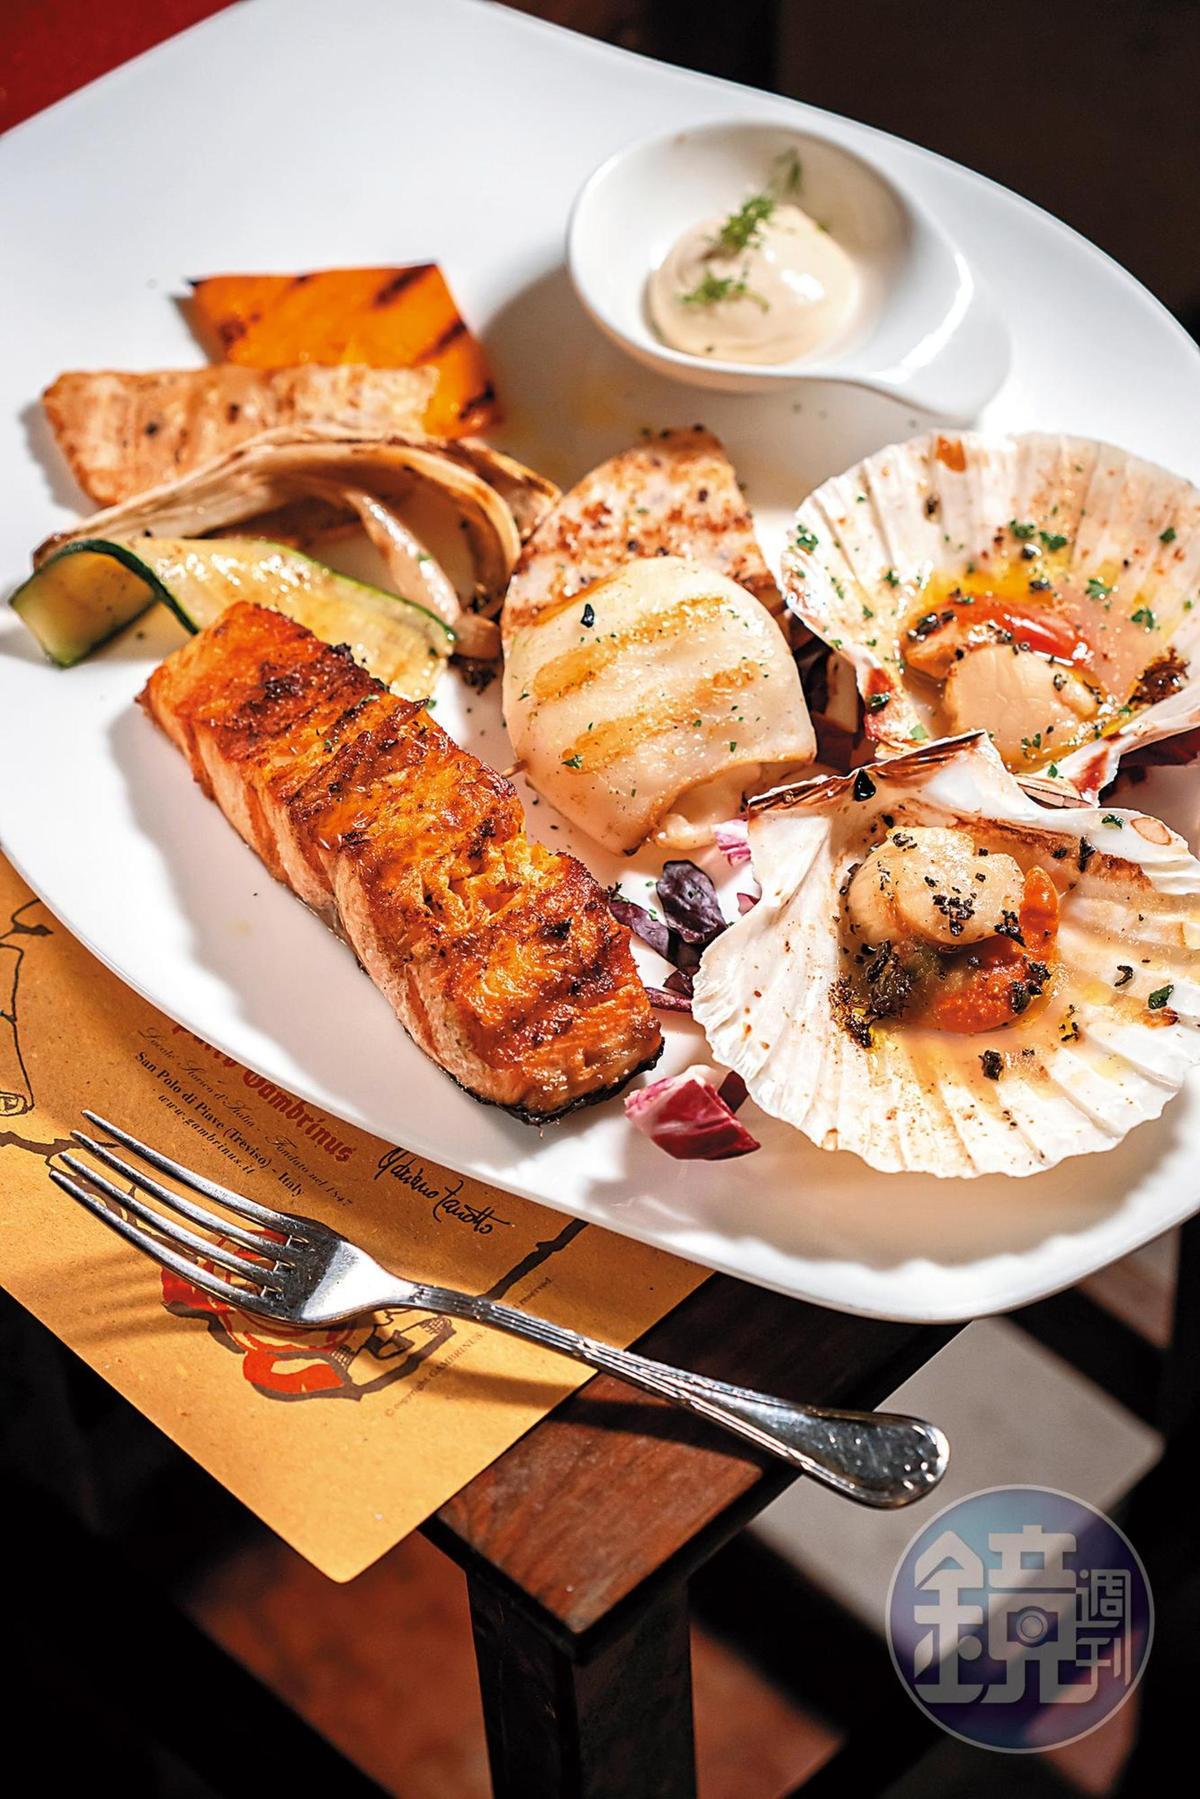 鮮活的烤海鮮份量十足,鮭魚油脂豐沛,適合搭配如Brut這類較不甜的Prosecco。